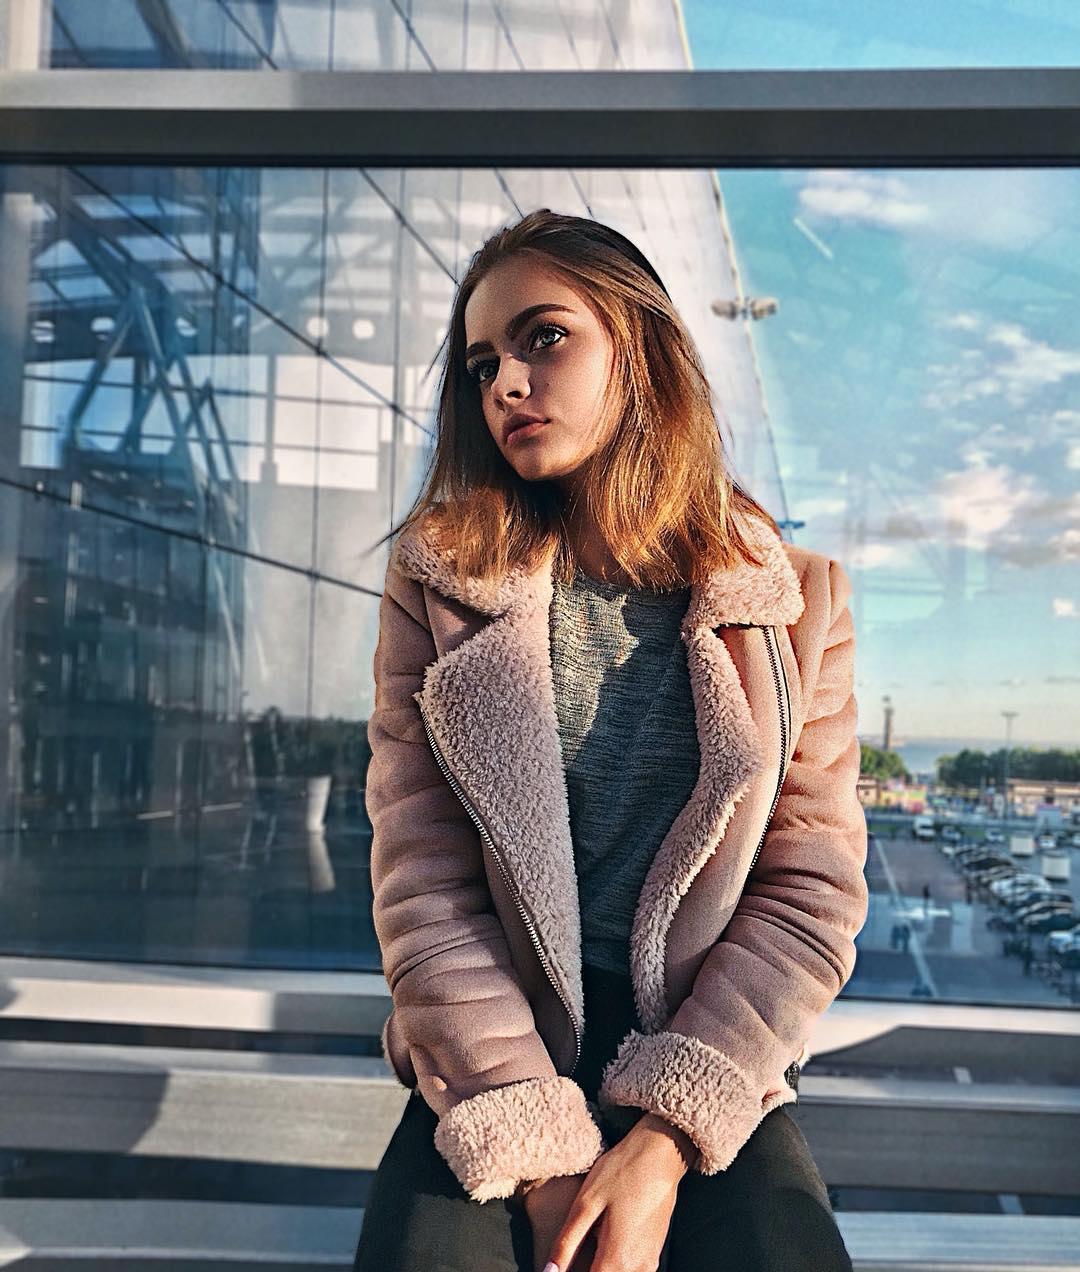 Anya-Ischuk-Wallpapers-Insta-Fit-Bio-10